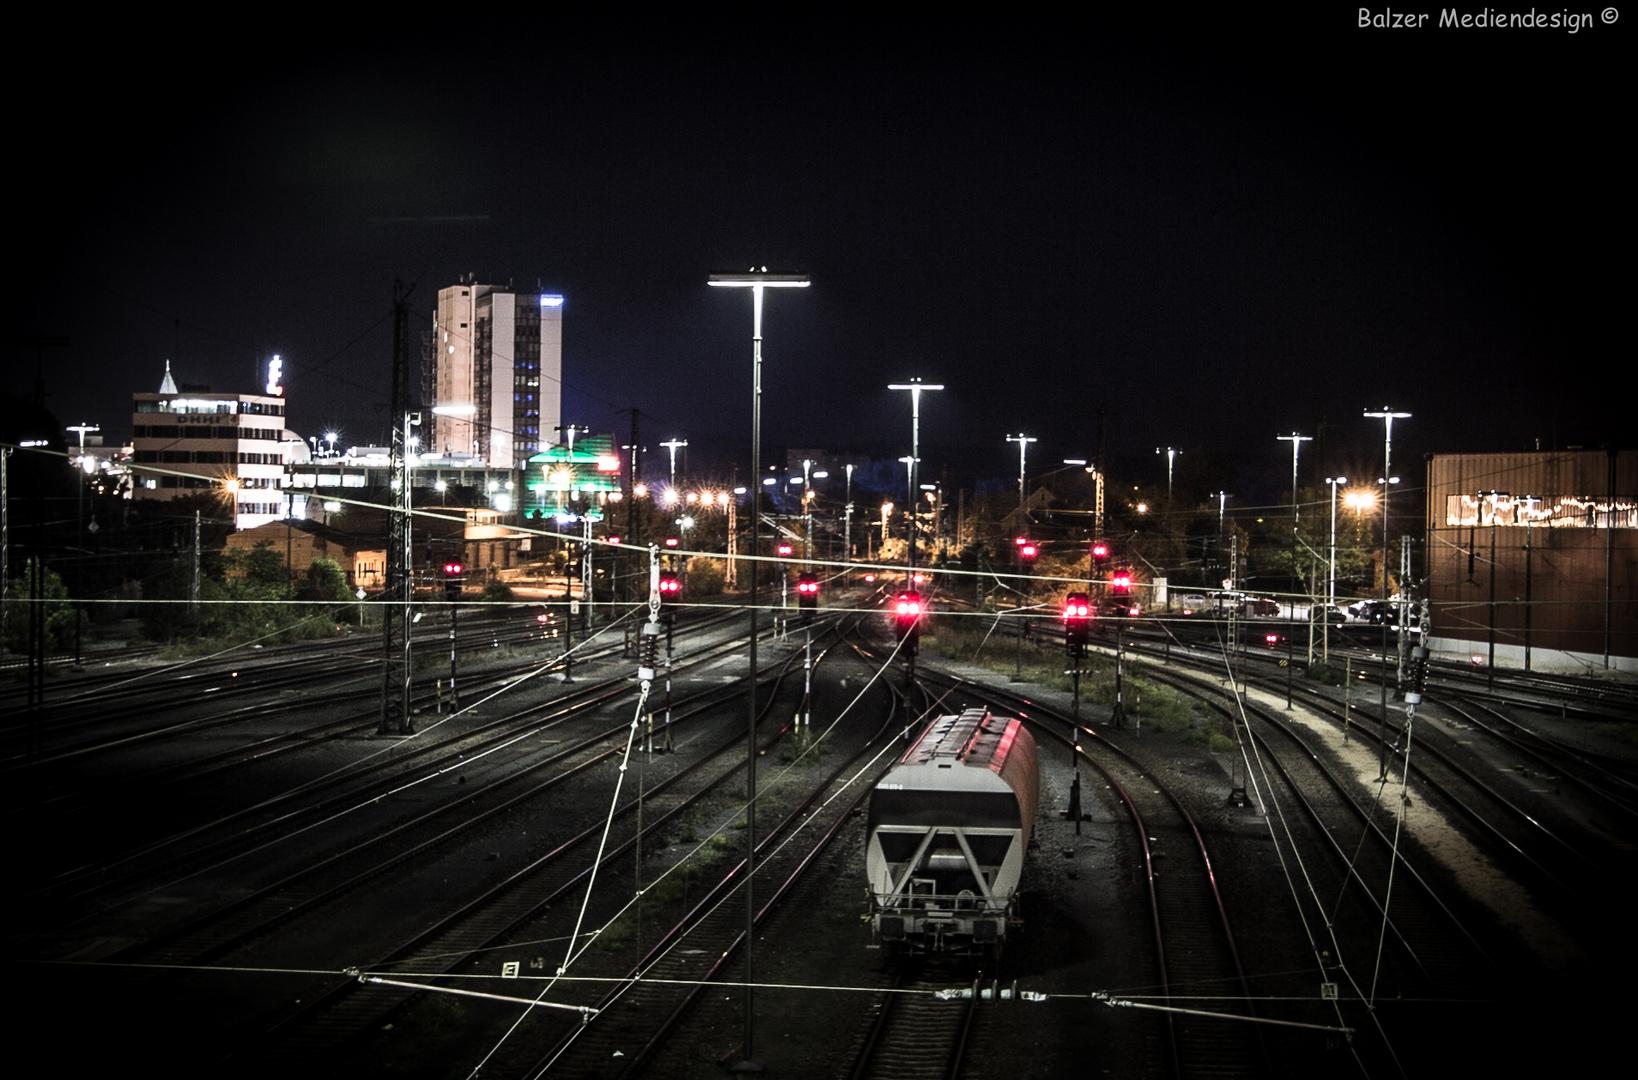 Angry train :-)